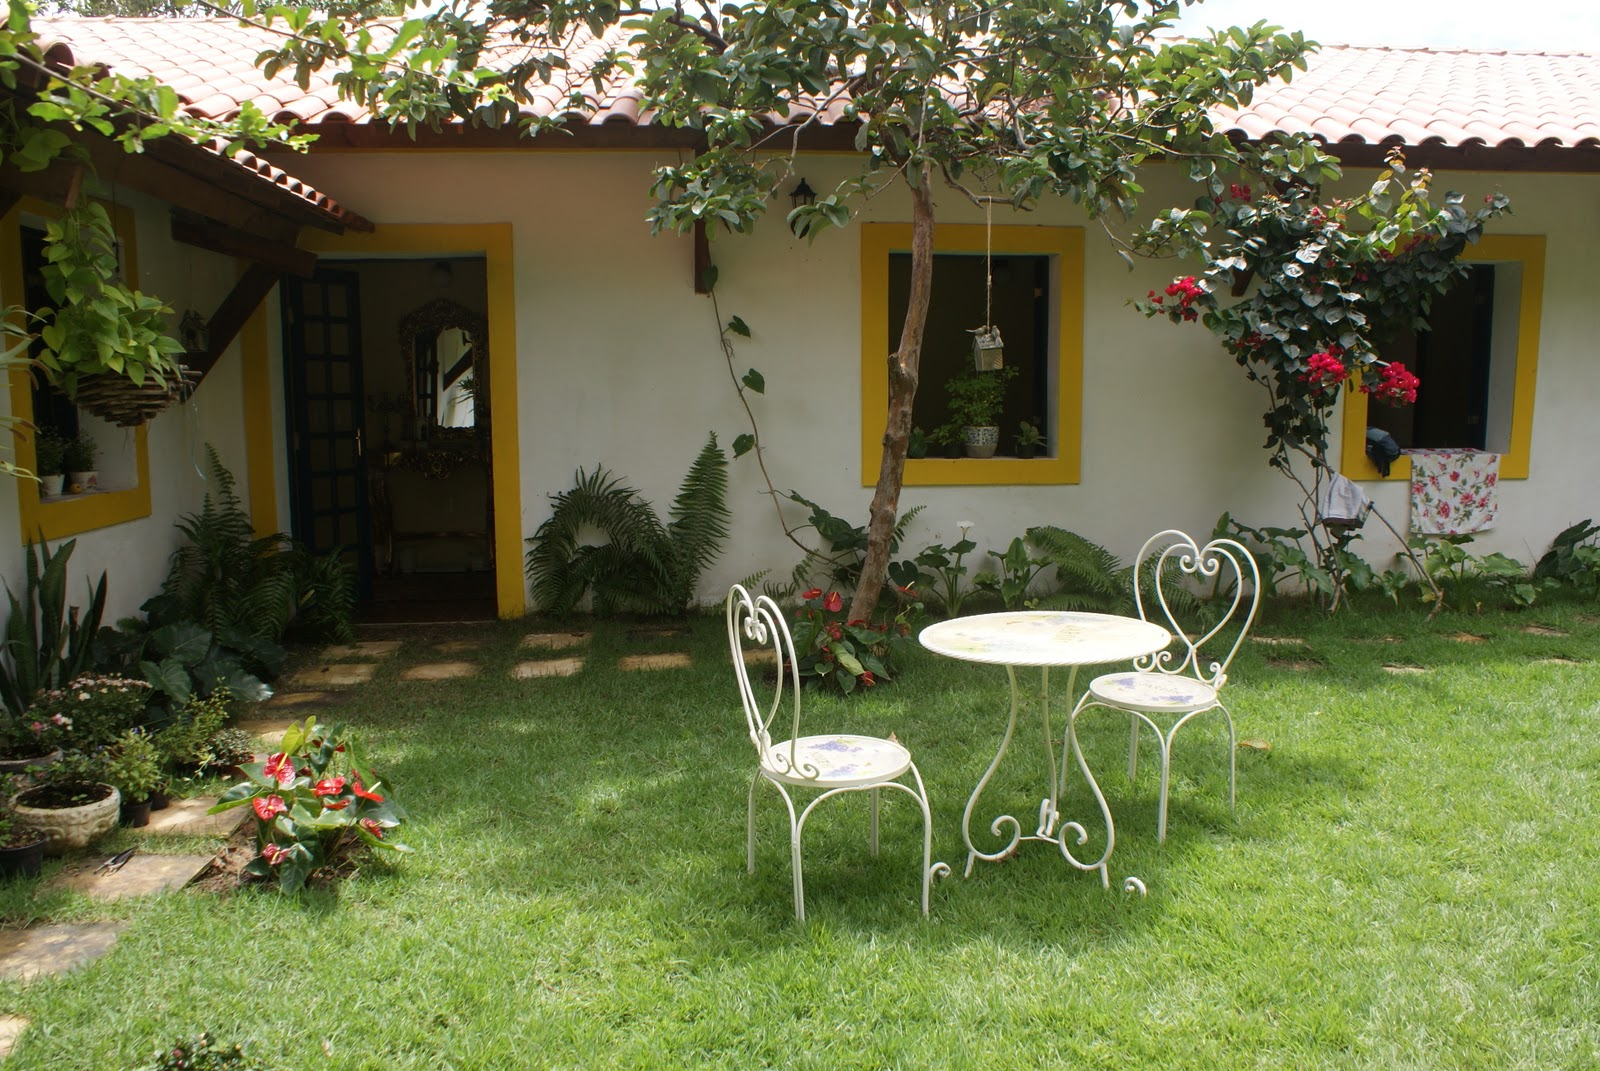 fotos de um jardim lindo : fotos de um jardim lindo: da FláviaUm lugar de mim: Meu jardim particular está lindo